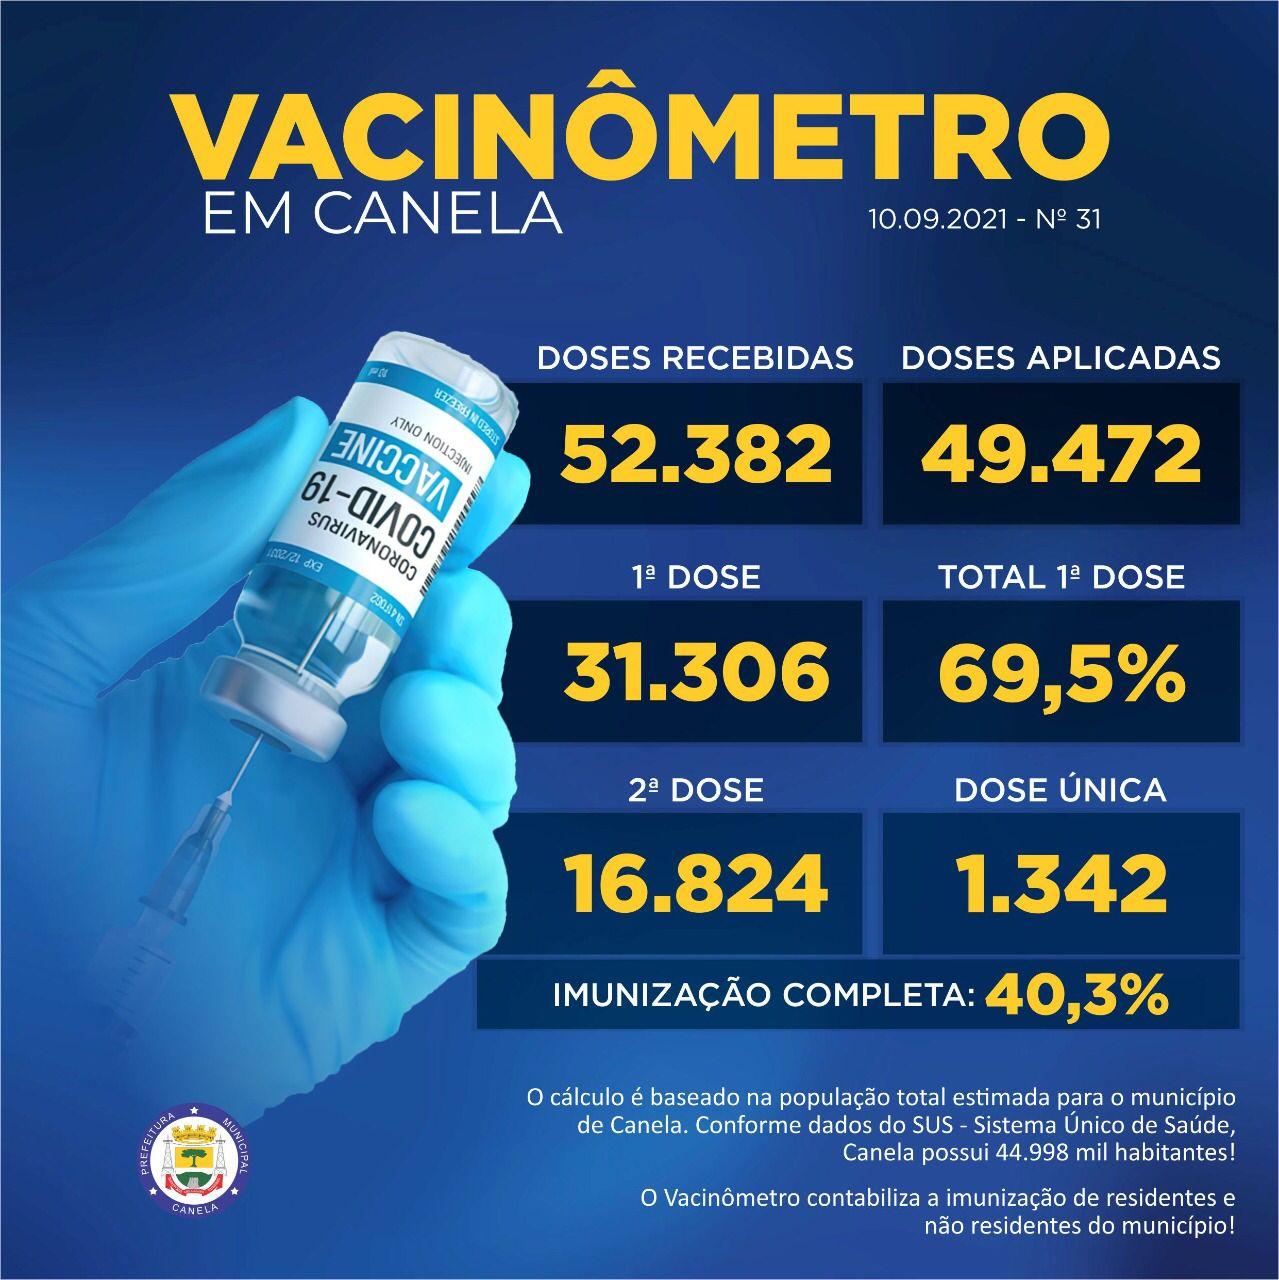 40% da população de Canela está completamente imunizada